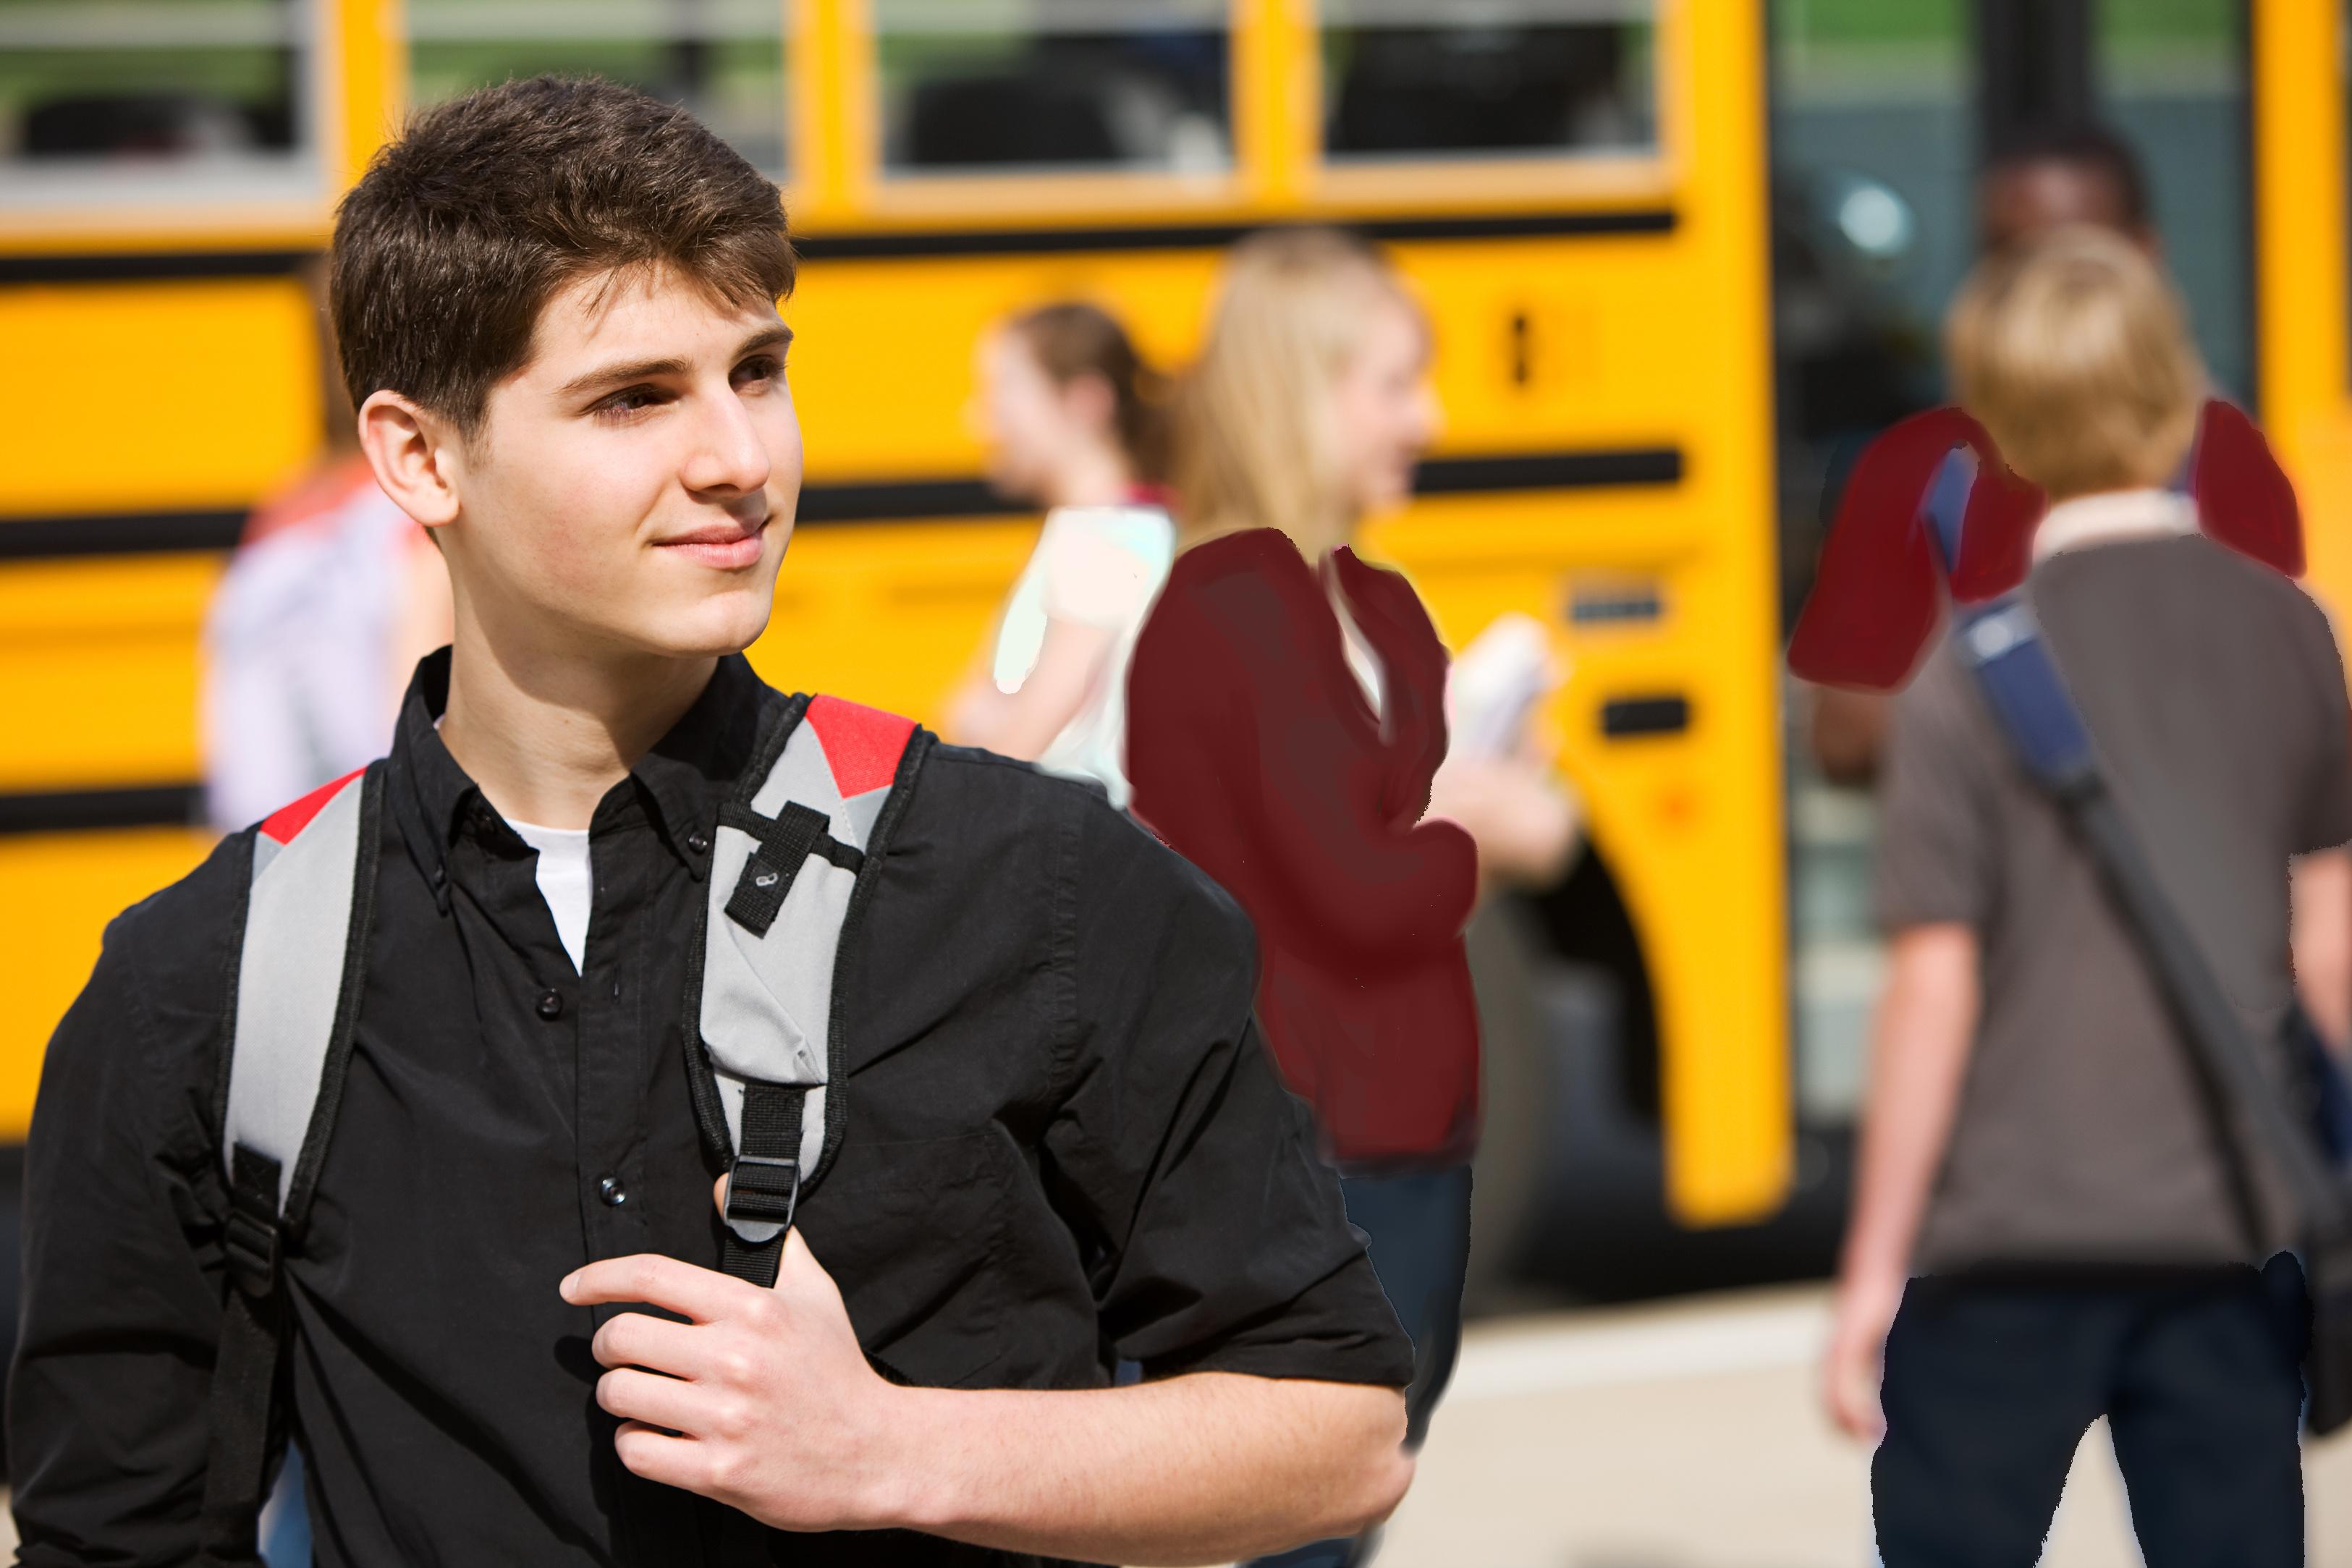 high school boy getting off bus R